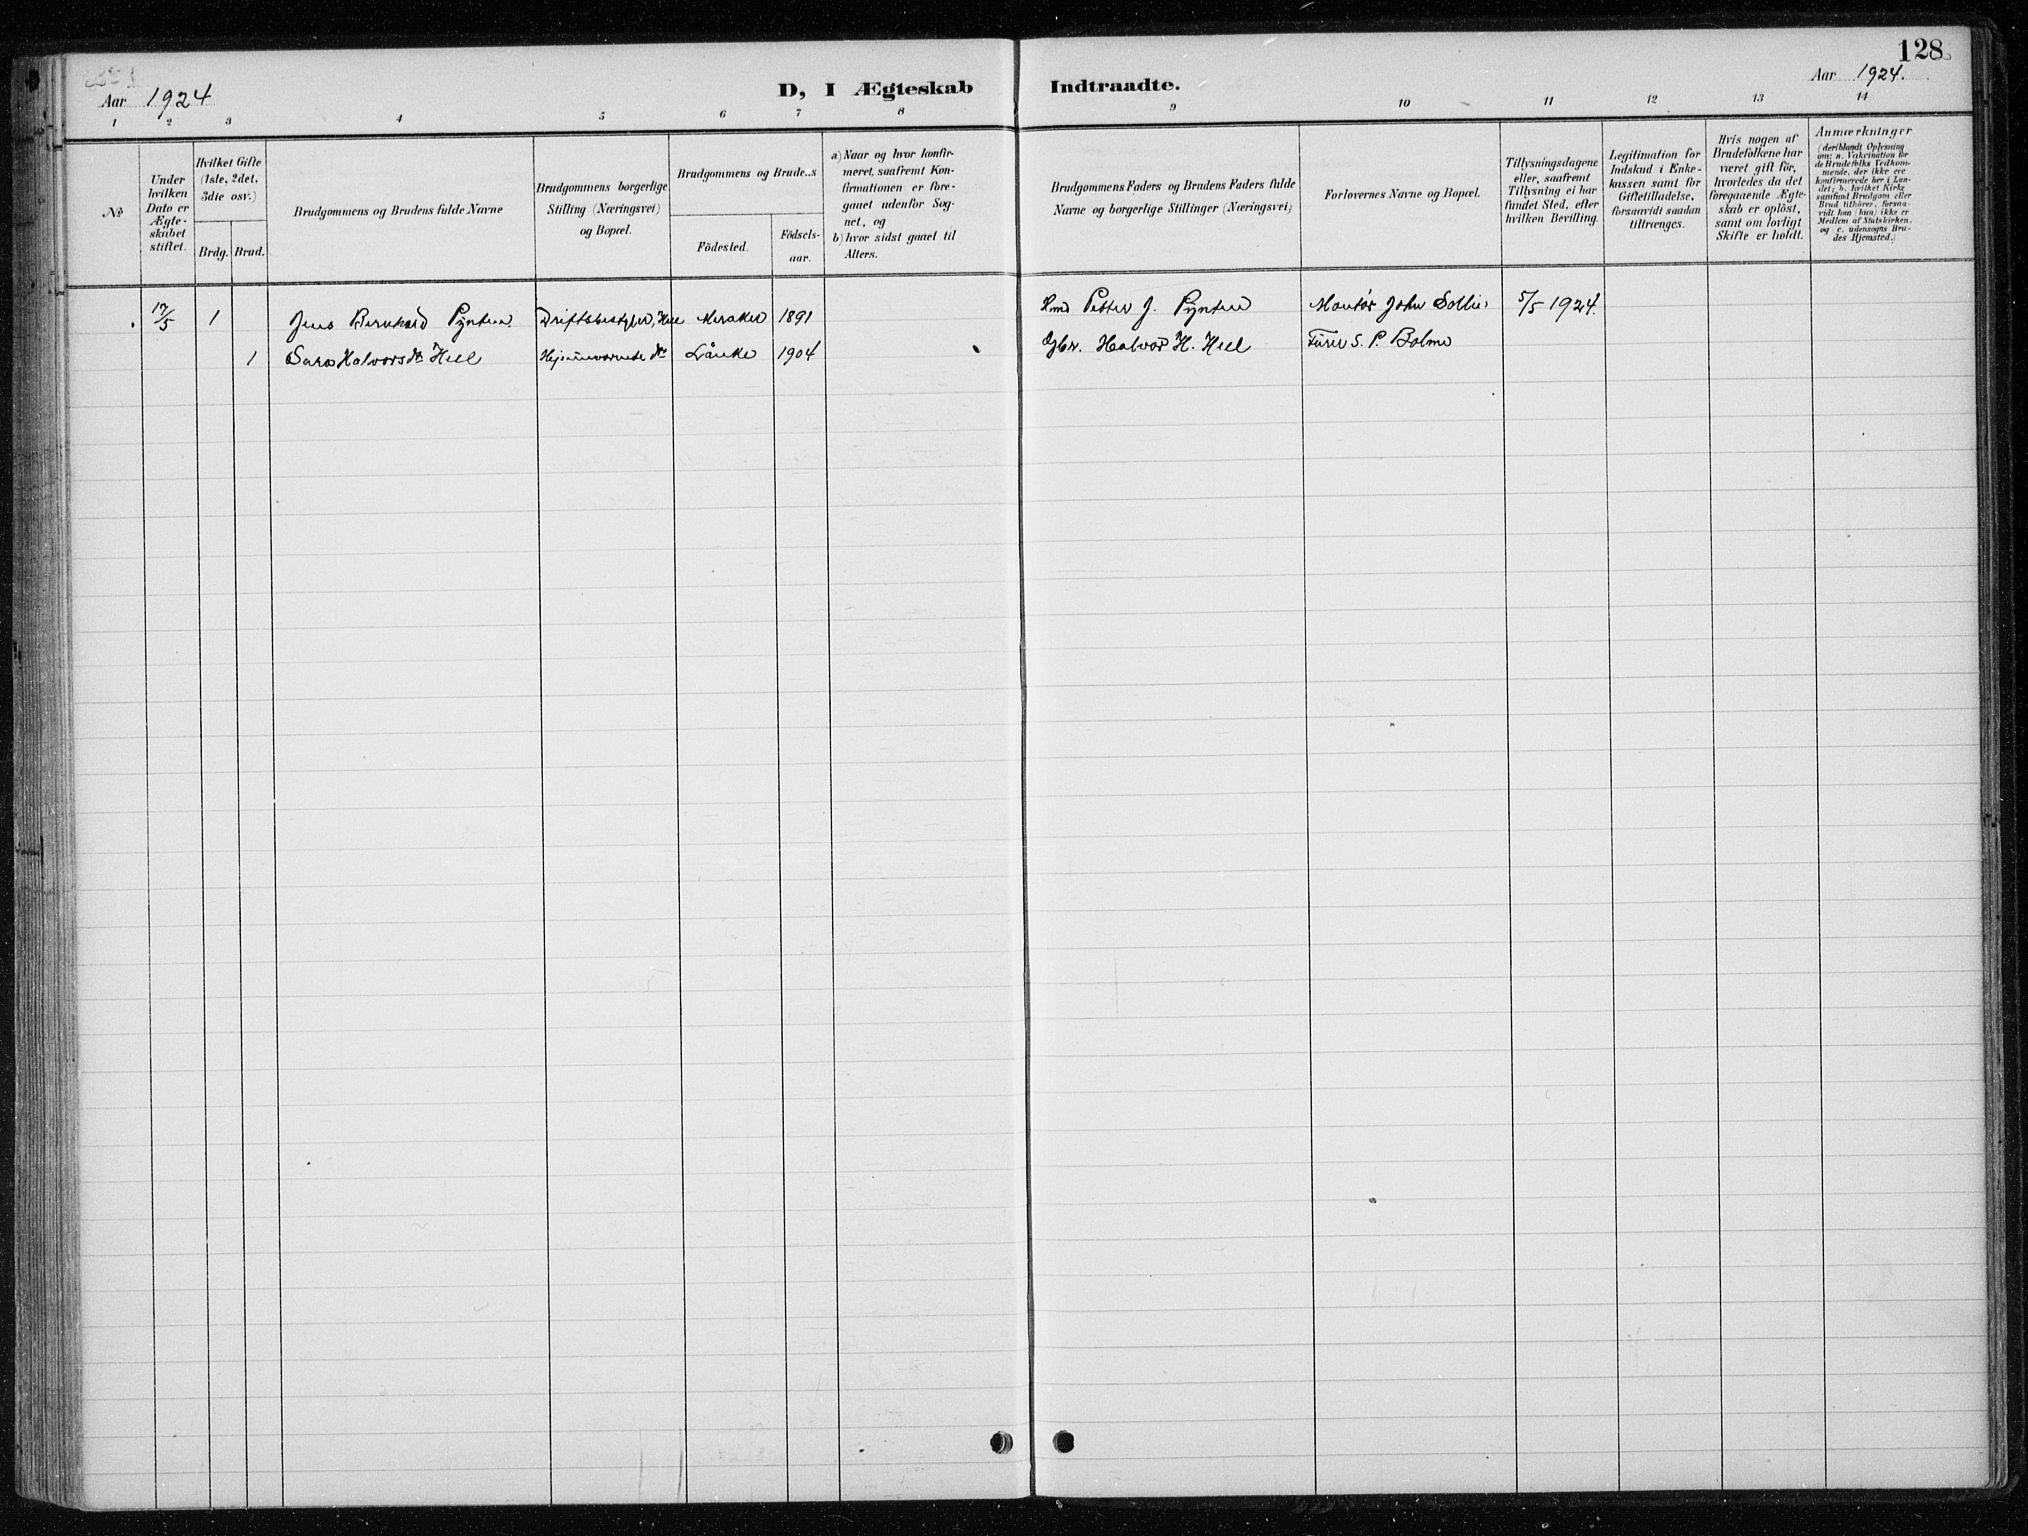 SAT, Ministerialprotokoller, klokkerbøker og fødselsregistre - Nord-Trøndelag, 710/L0096: Klokkerbok nr. 710C01, 1892-1925, s. 128